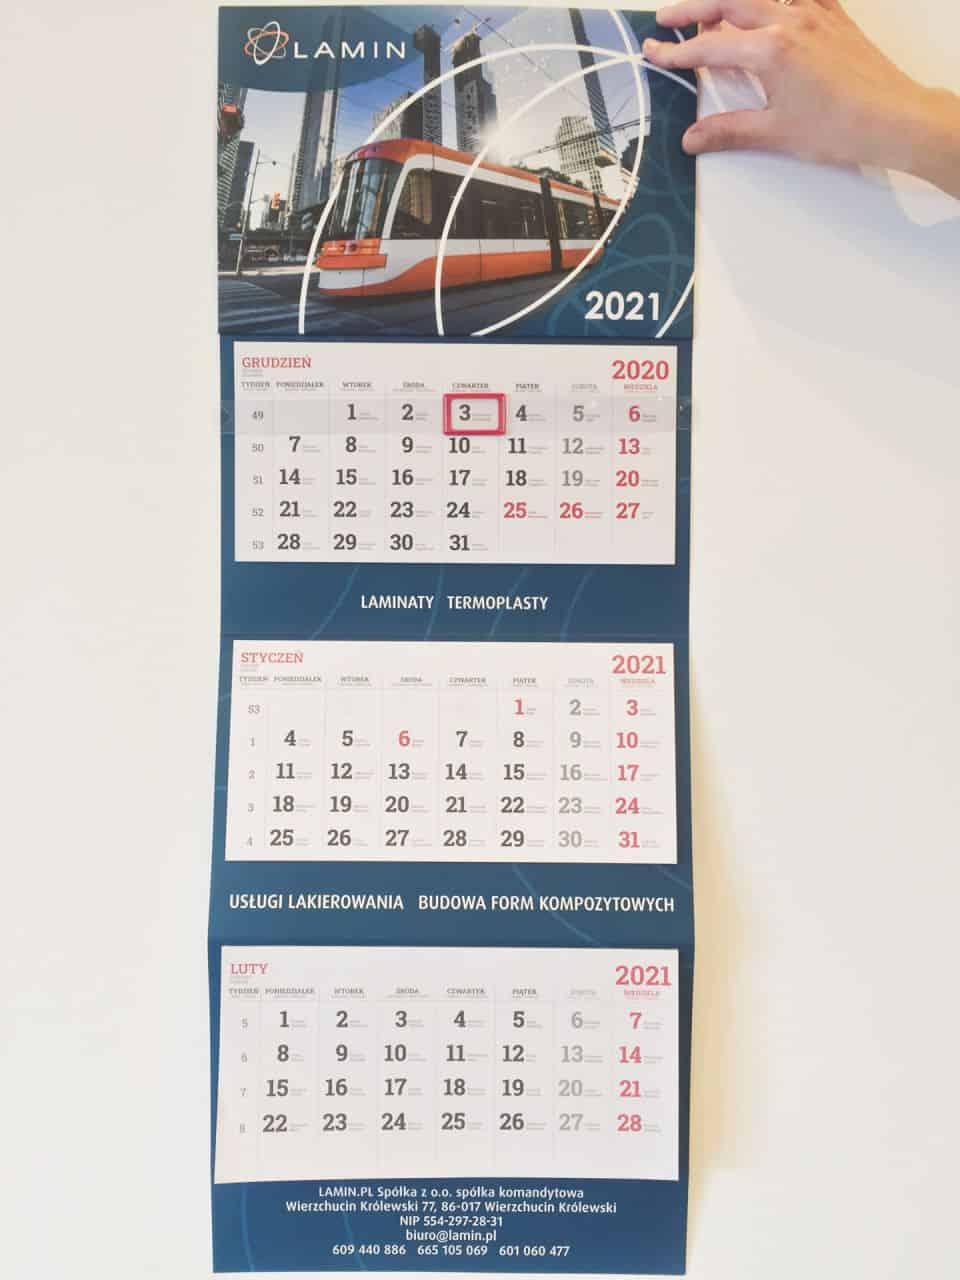 kalendarze trójdzielne z nadrukiem firmy Lamin